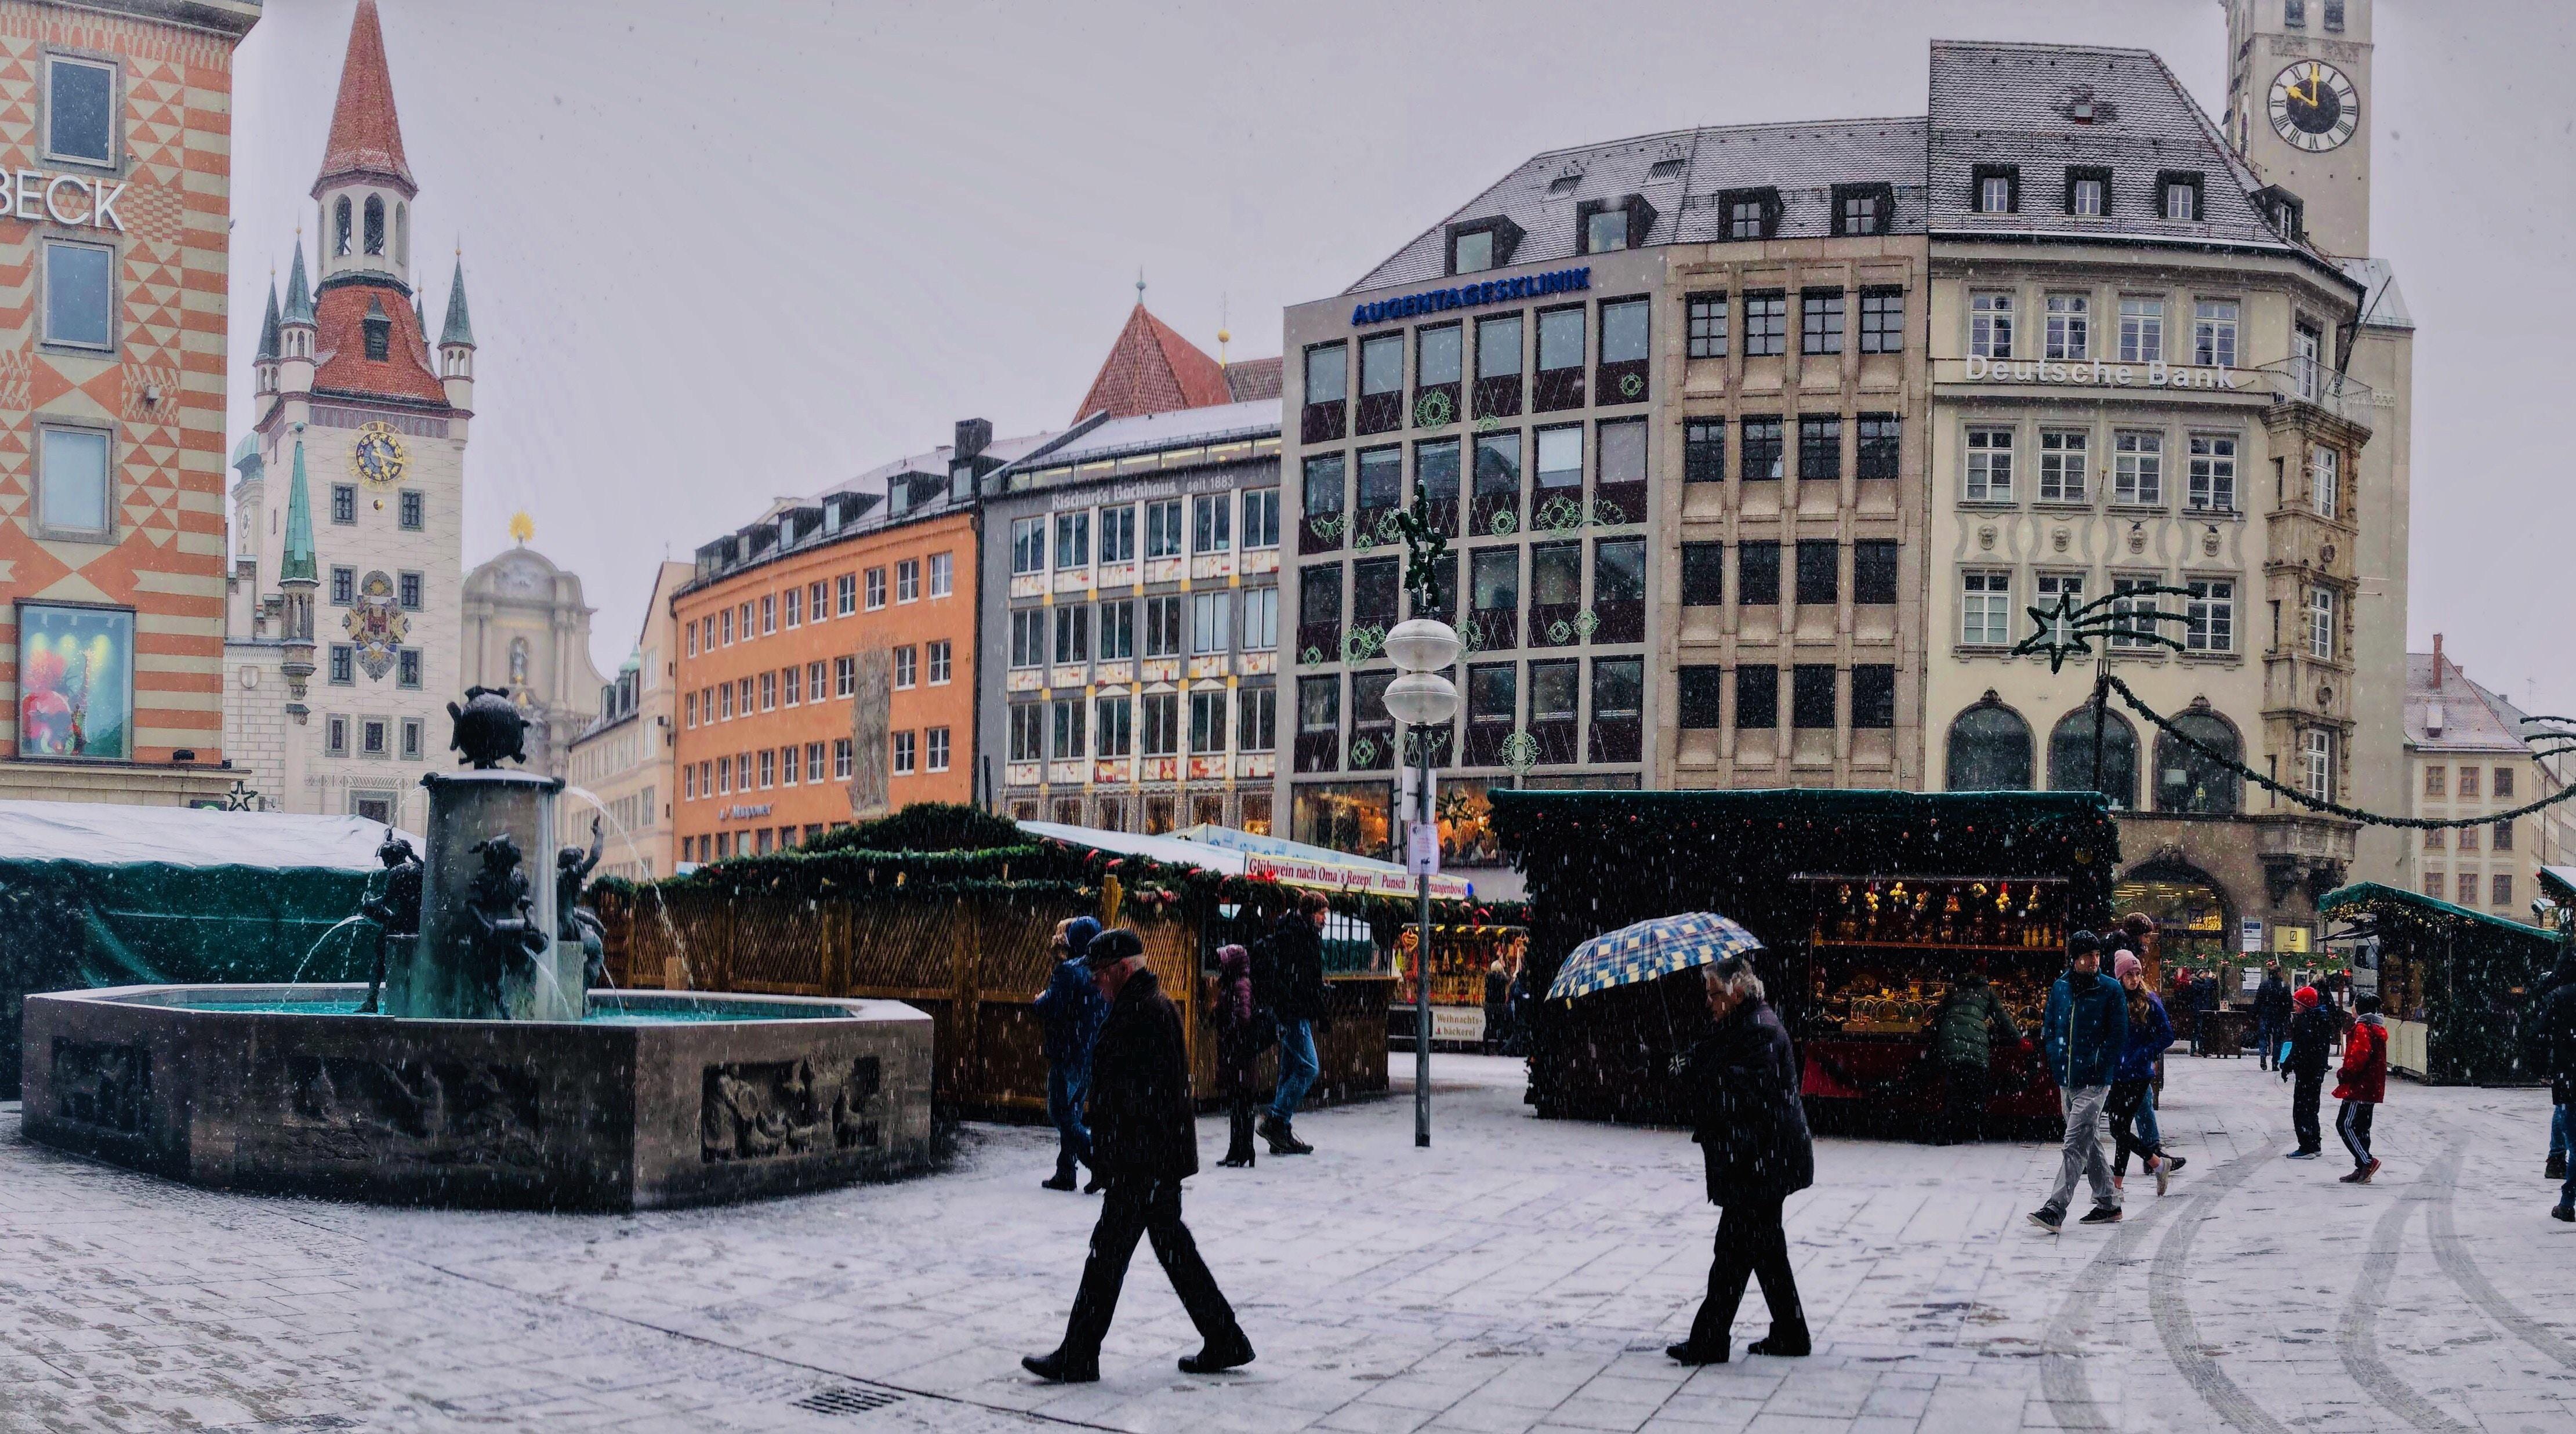 Жизнь и учёба в Германии глазами иностранного студента